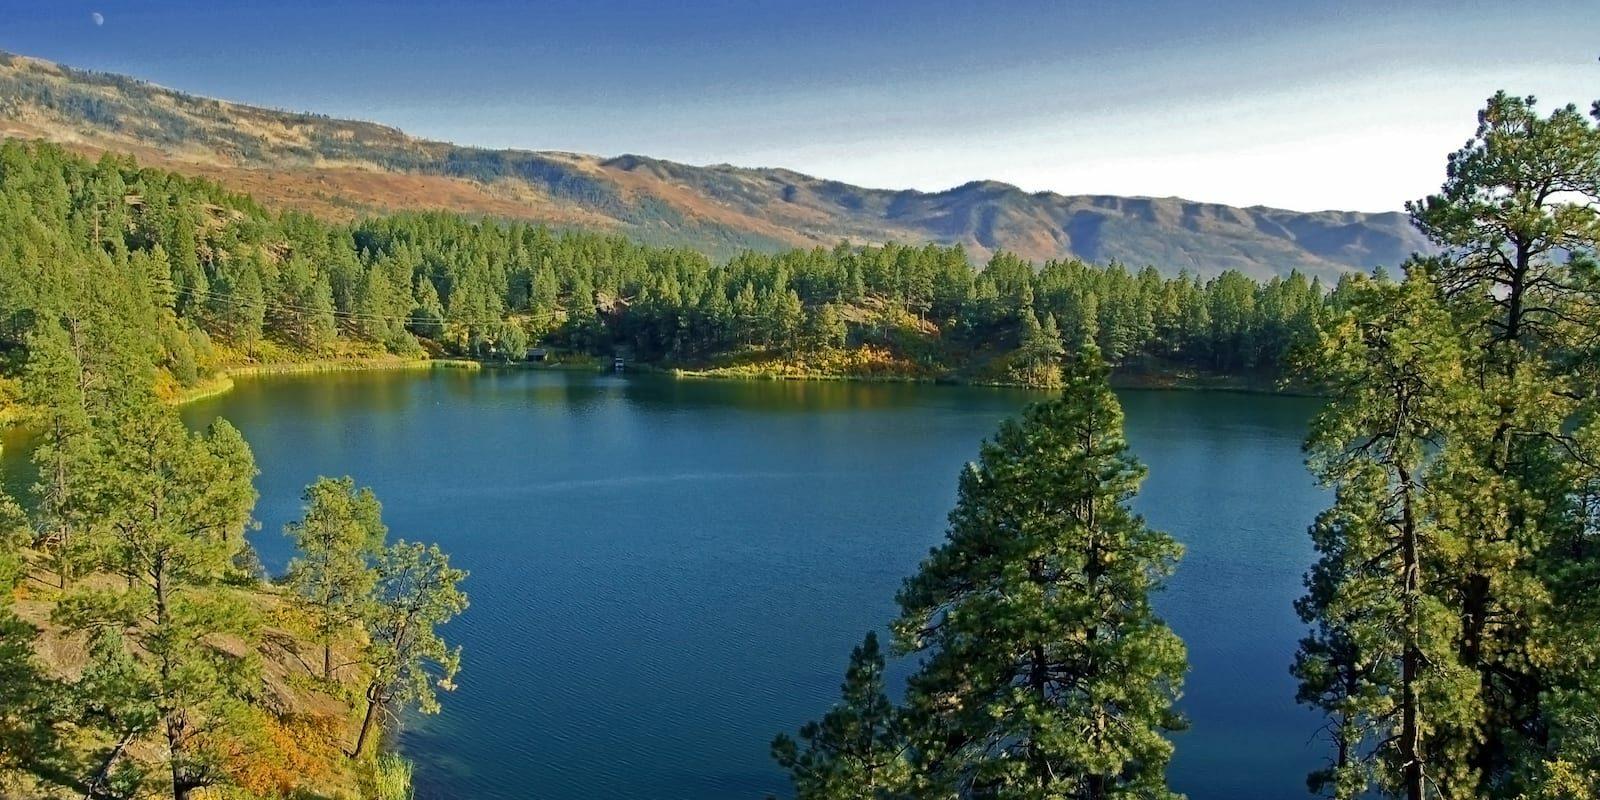 Camping near Durango Colorado Lake